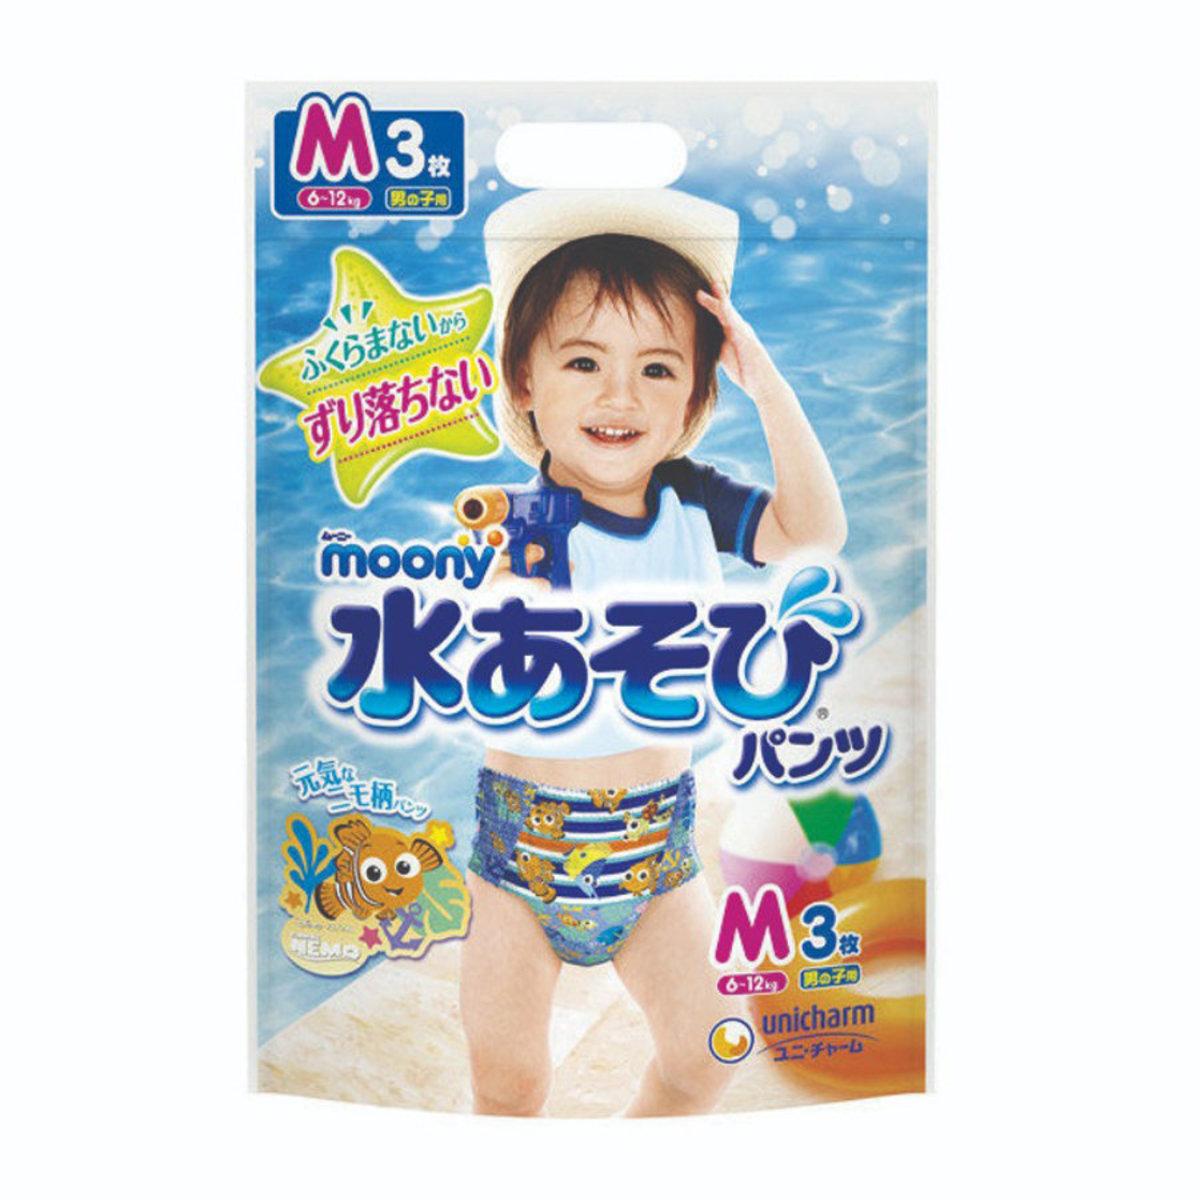 MOONY 游泳專用學習褲 x 3片入 (男童M) (4903111257348)